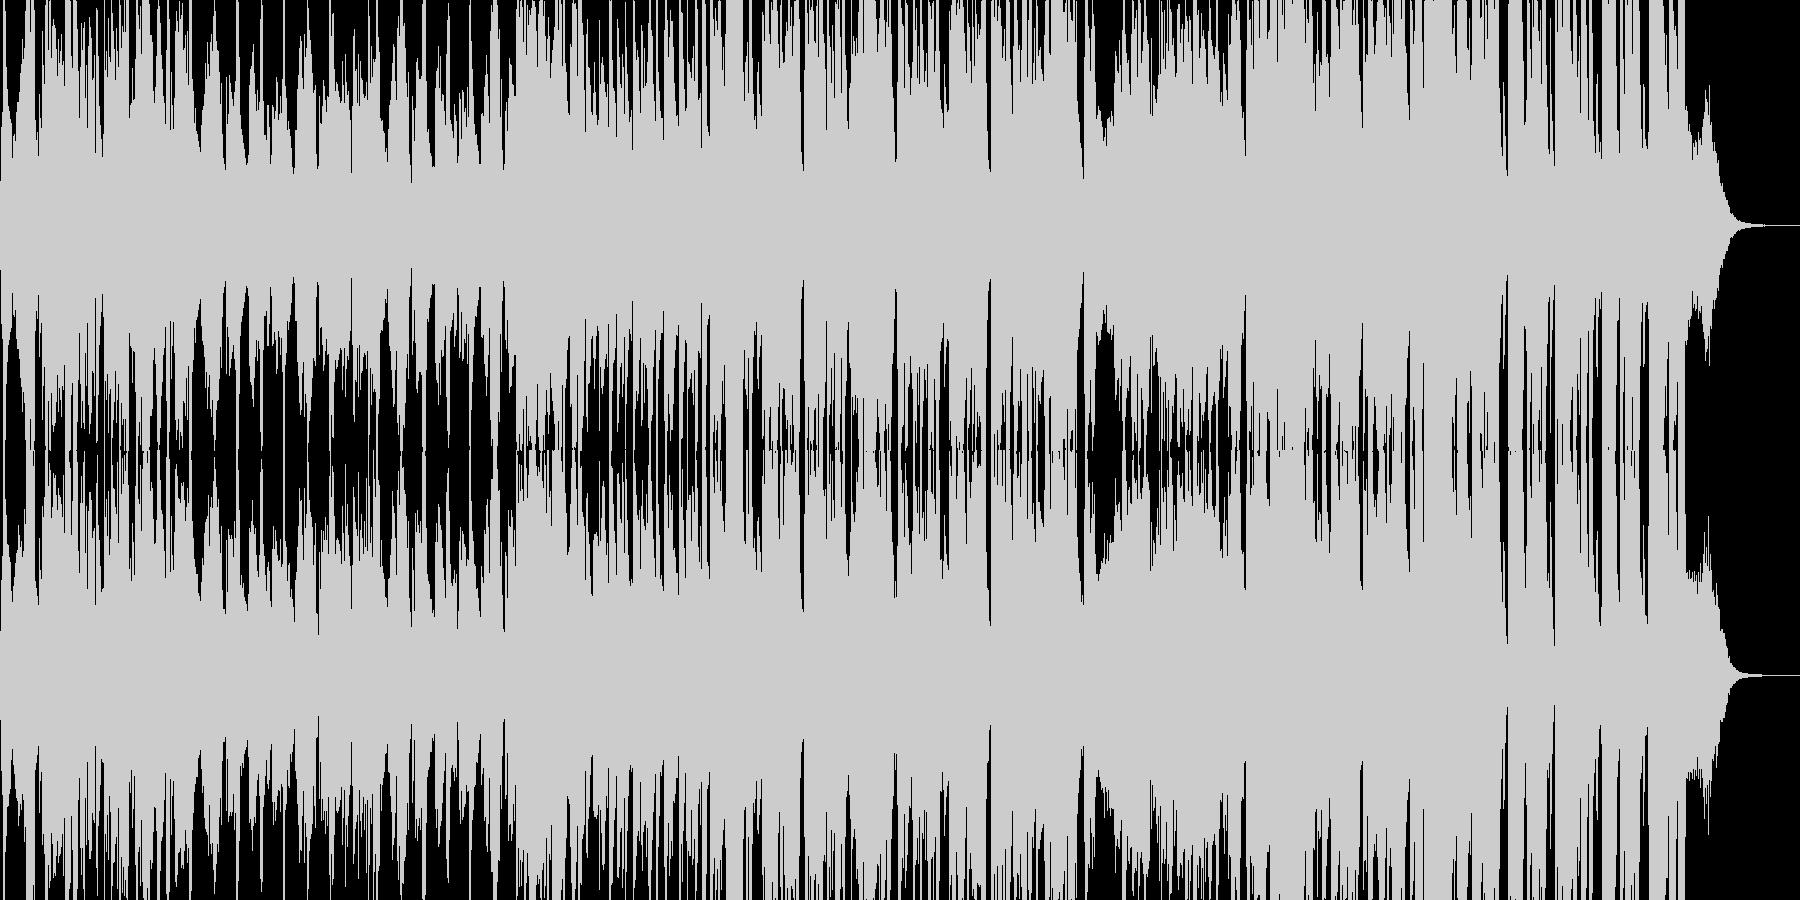 ジャズ・おしゃれ・バー・カフェの未再生の波形